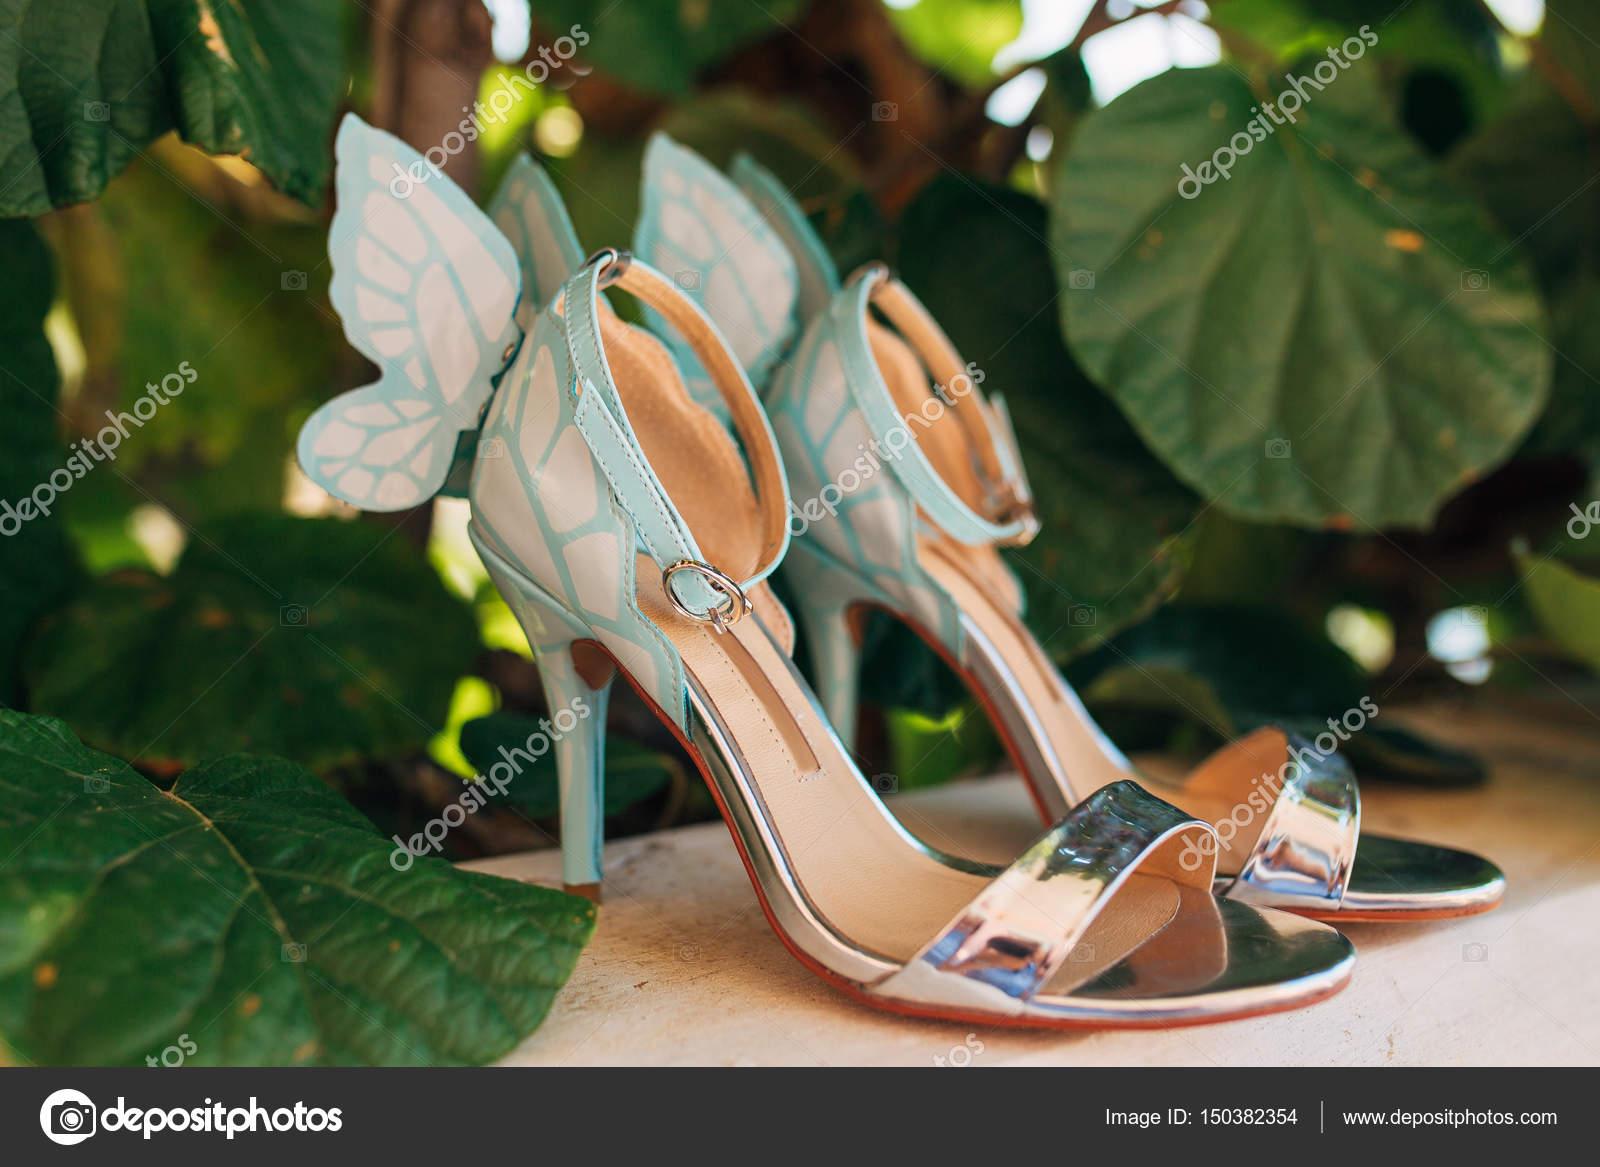 mariage chaussures de mariée dans les feuilles d'un arbre de kiwi